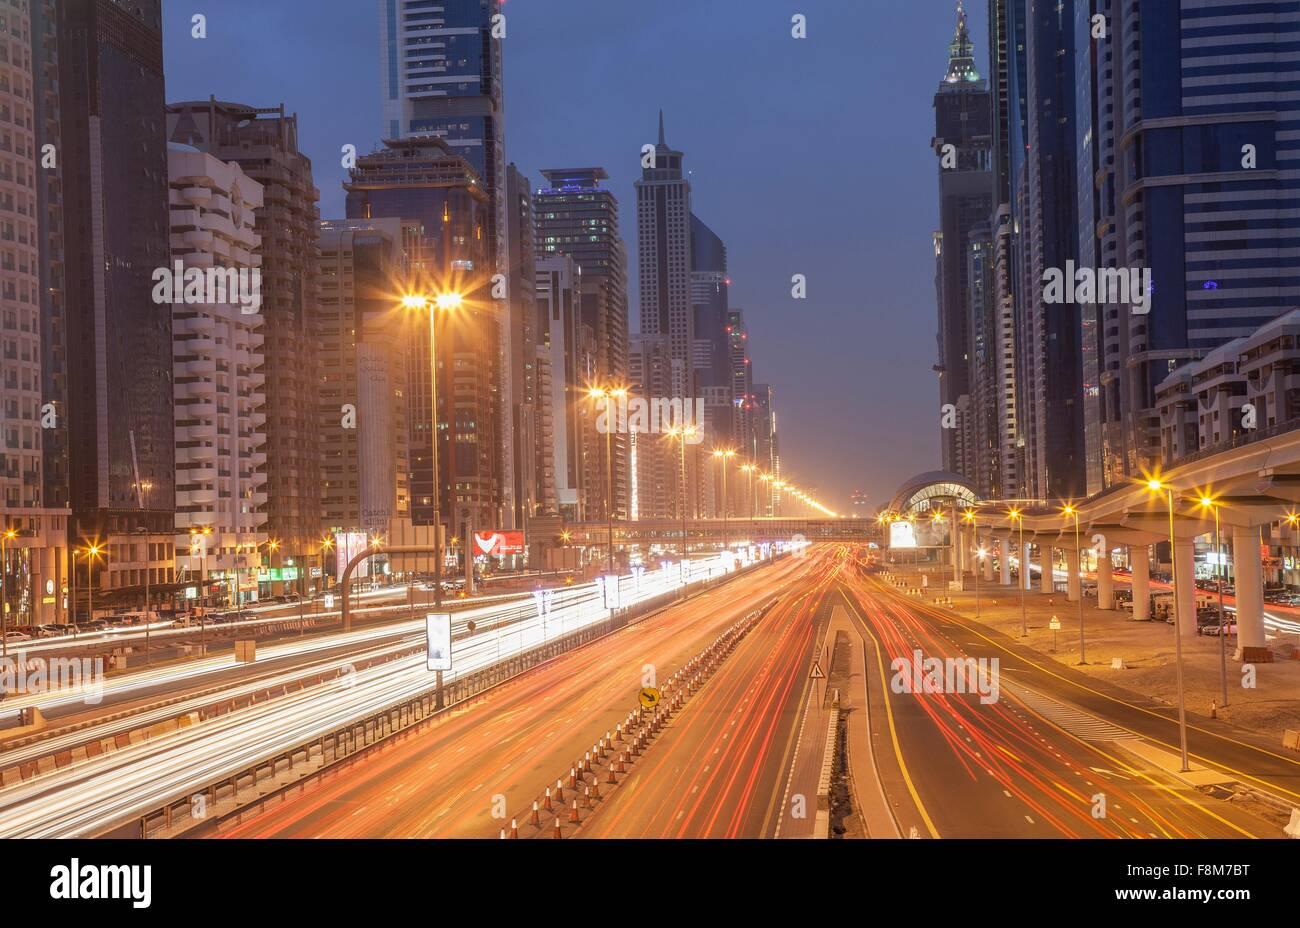 La autopista de la ciudad y la estación de metro de Dubai por la noche, el centro de Dubai, Emiratos Árabes Unidos. Foto de stock